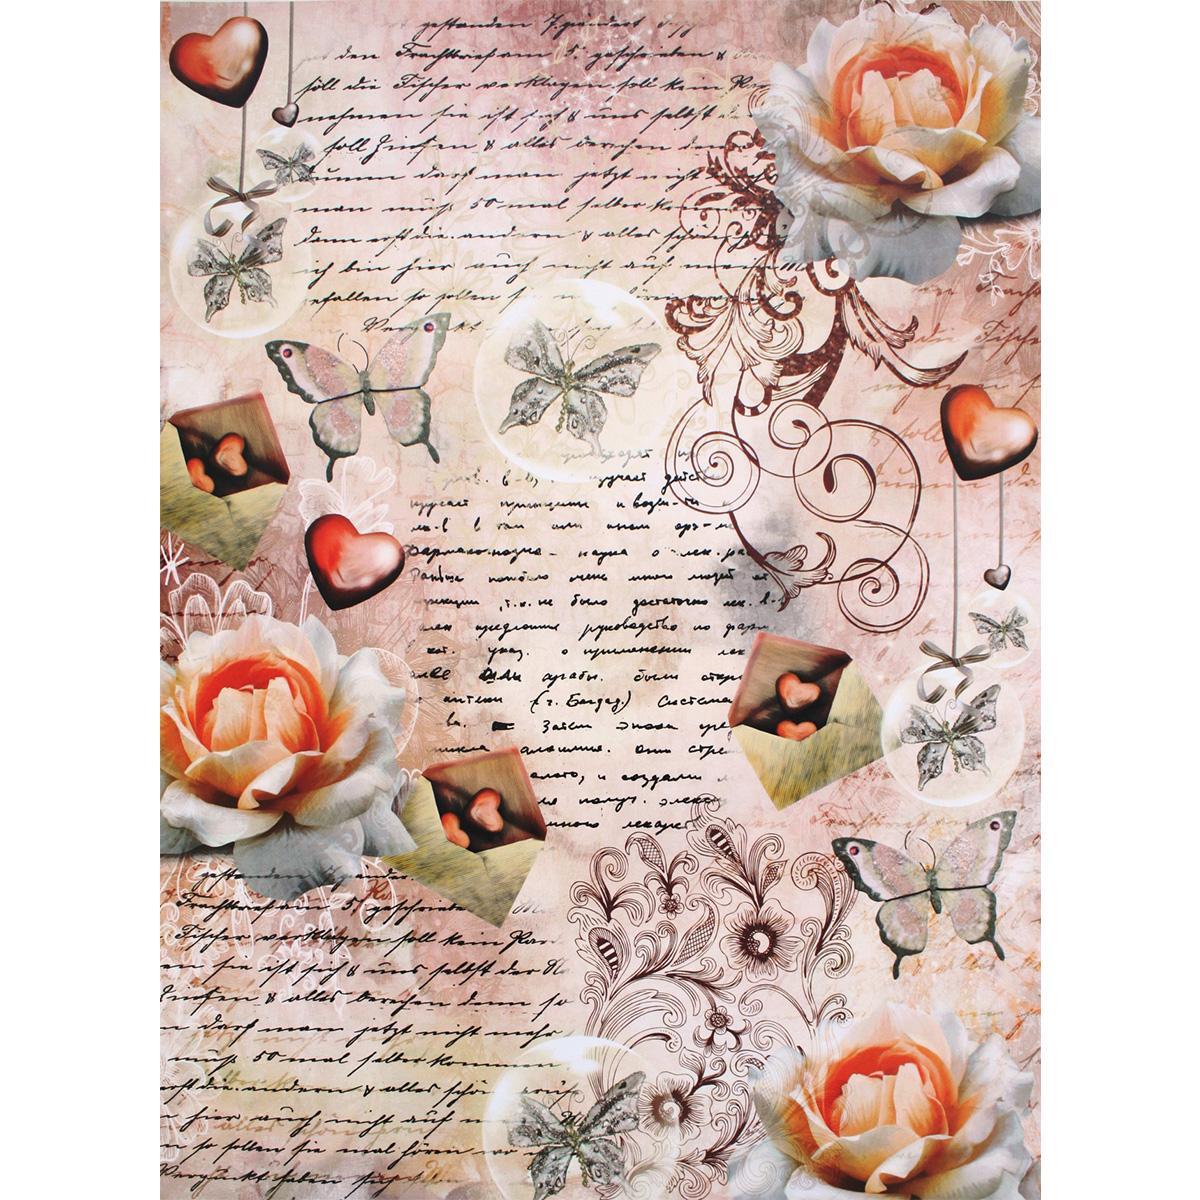 Декупажная карта Freedecor Письма любви, А3, 80 гр./м.кв. Dk 437680073_437ПисьмалюбвиДекупажные карты Фридекор отличаются оригинальными, стильными дизайнами и прекрасным качеством. Печать декупажных карт происходит на бумаге плотностью 80 гр/м2.